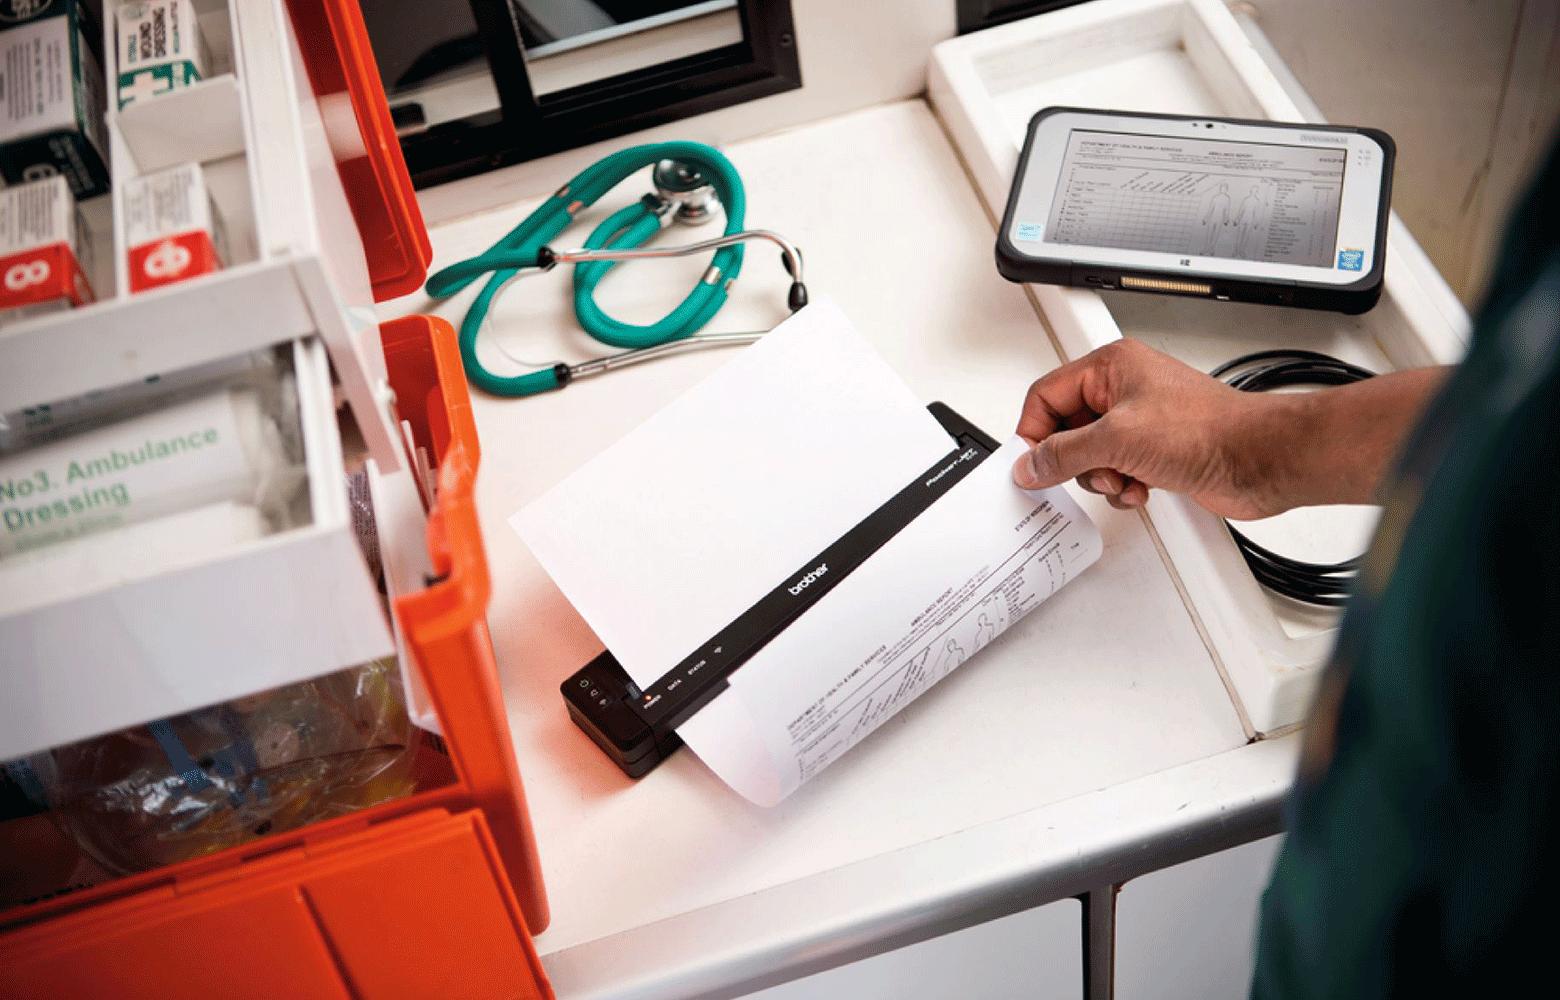 Ambulanční stůl s lékařským zařízením a PJ tiskárna tisknoucí údaje pacienta